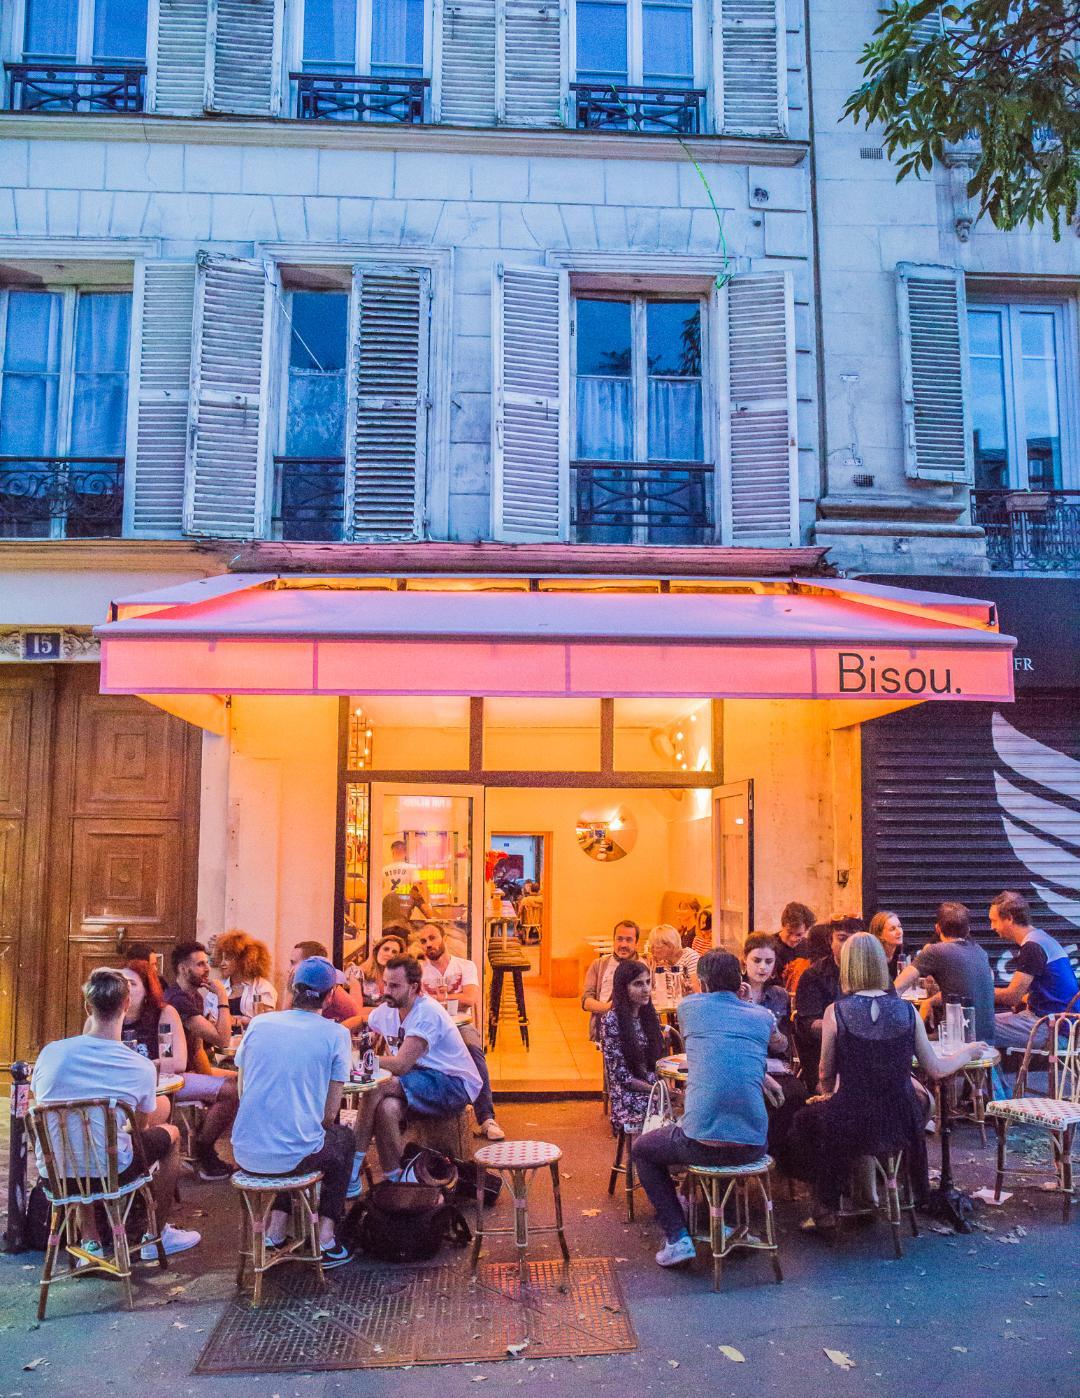 Bisou Paris- The Hottest Cocktail Bars in Paris